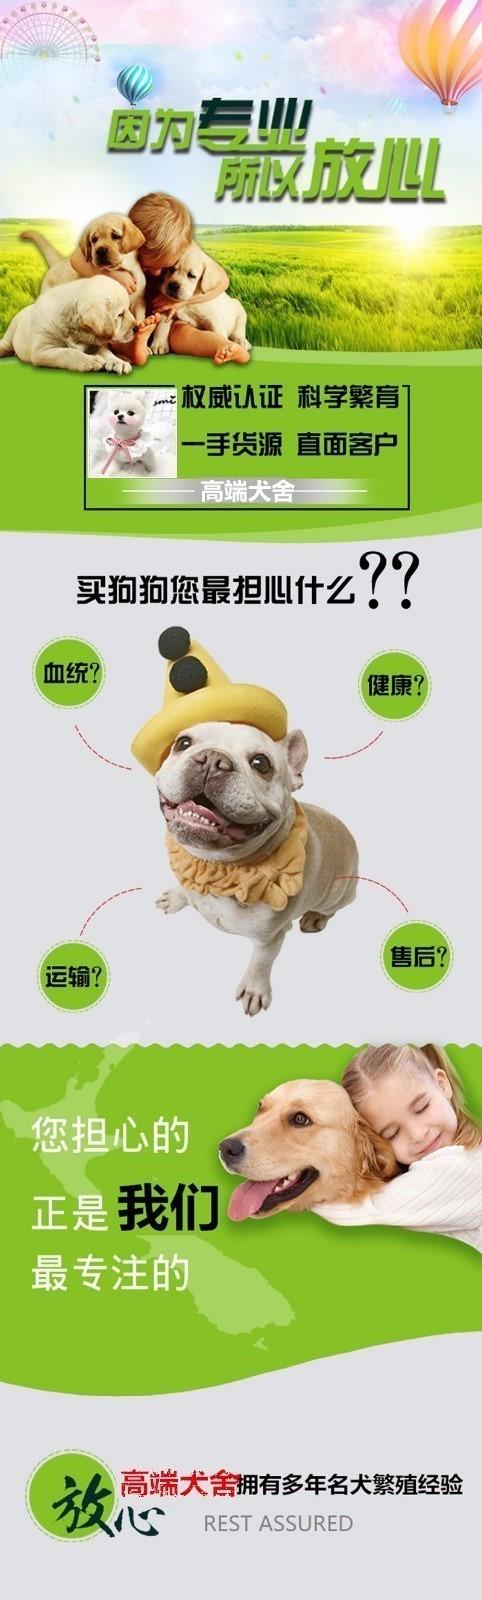 玩具纯正血统的昆明泰迪犬找新家 爱狗人士优先选购7